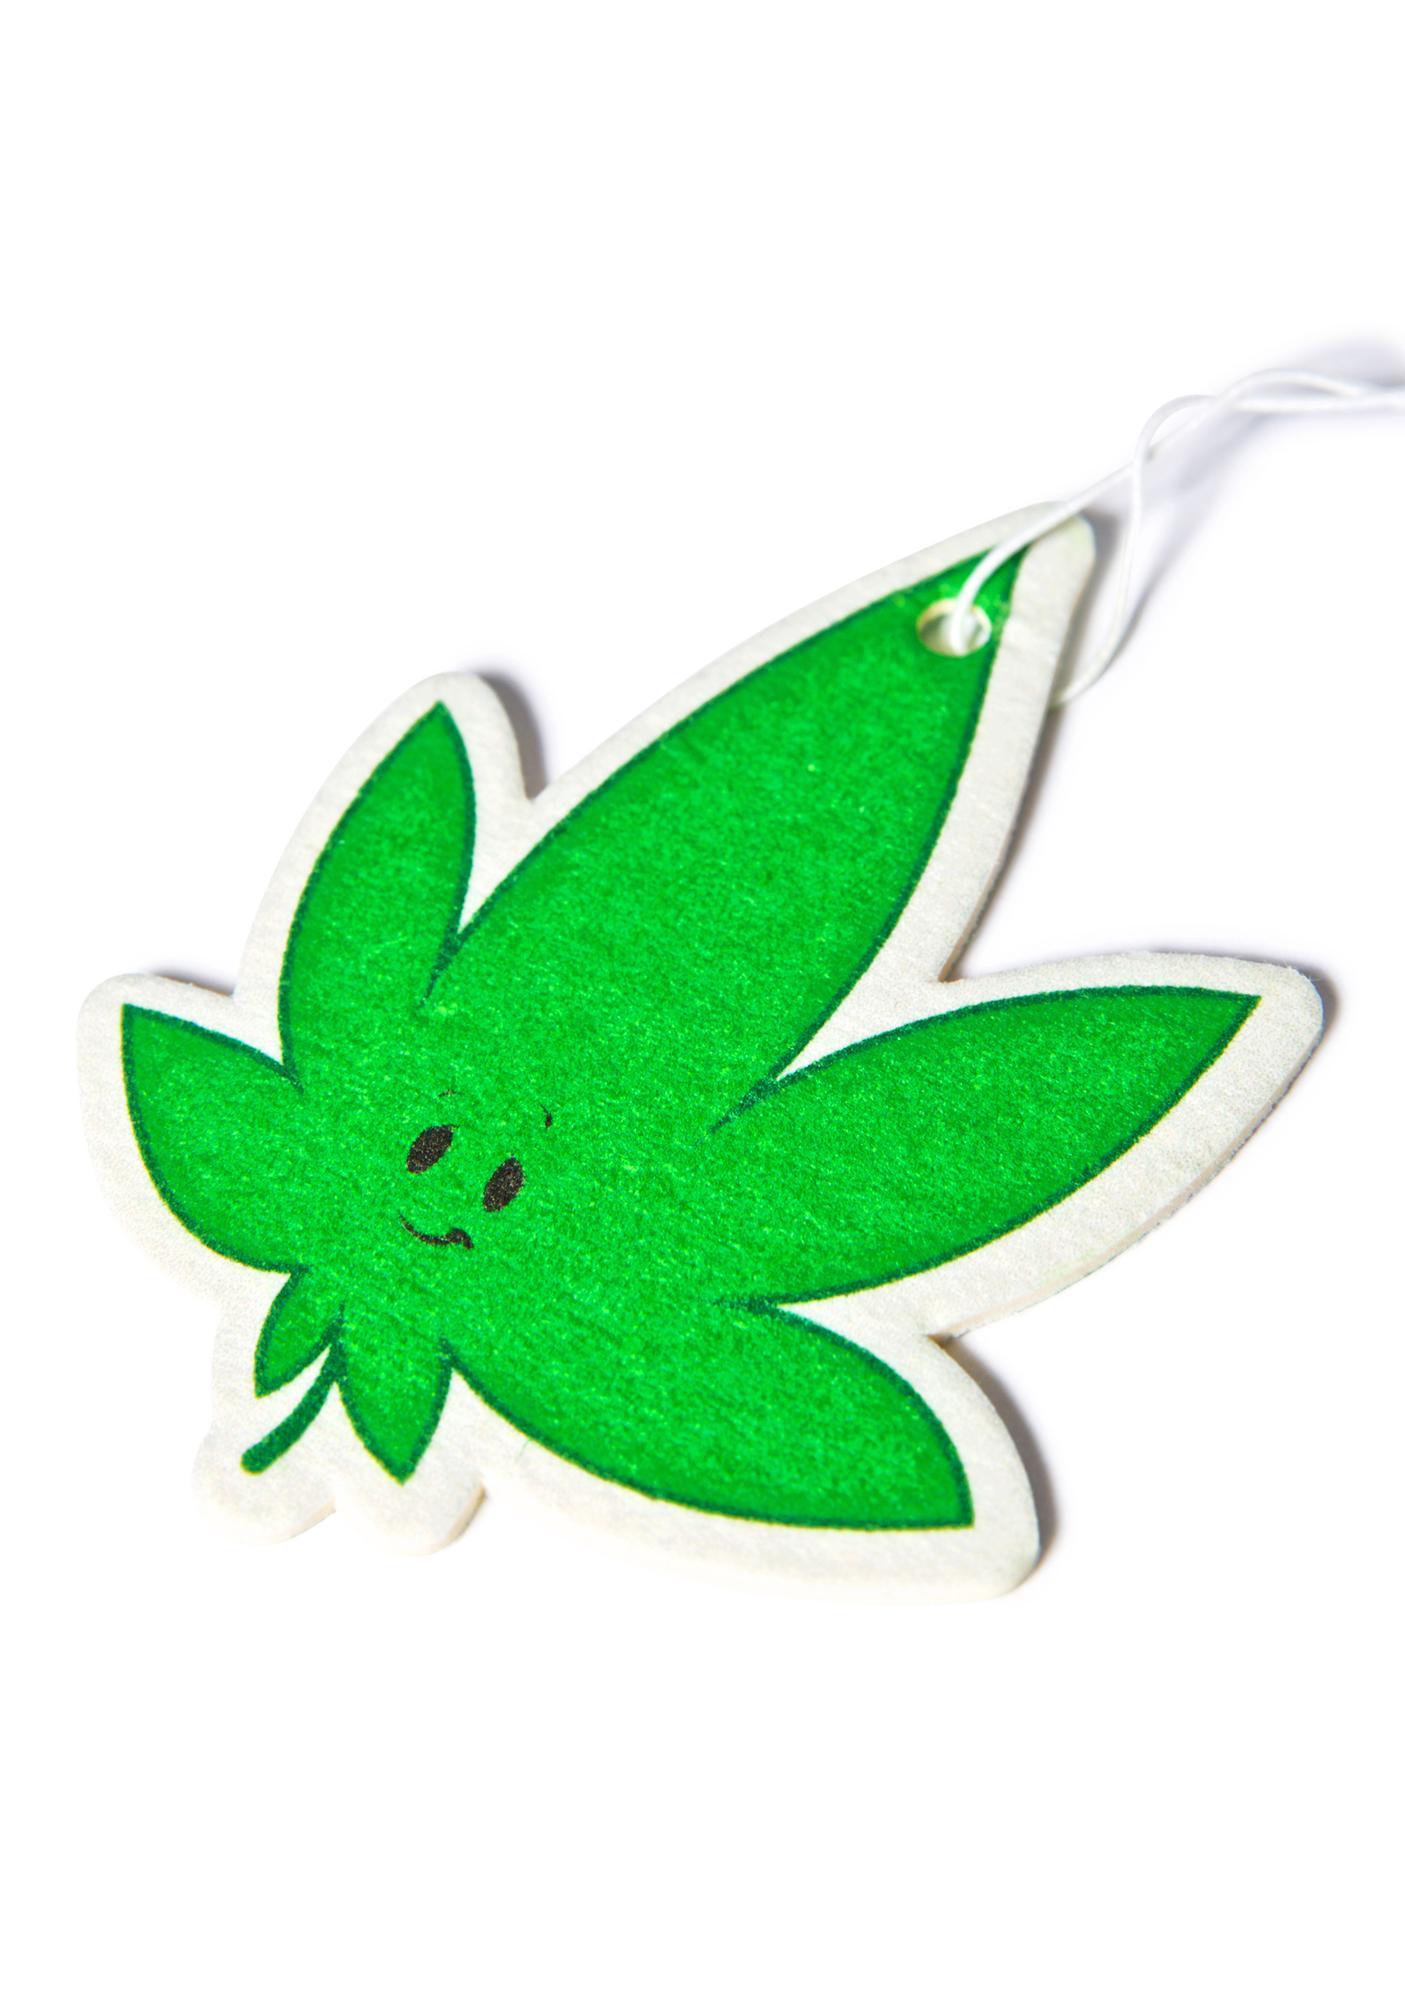 Weed Air Freshener